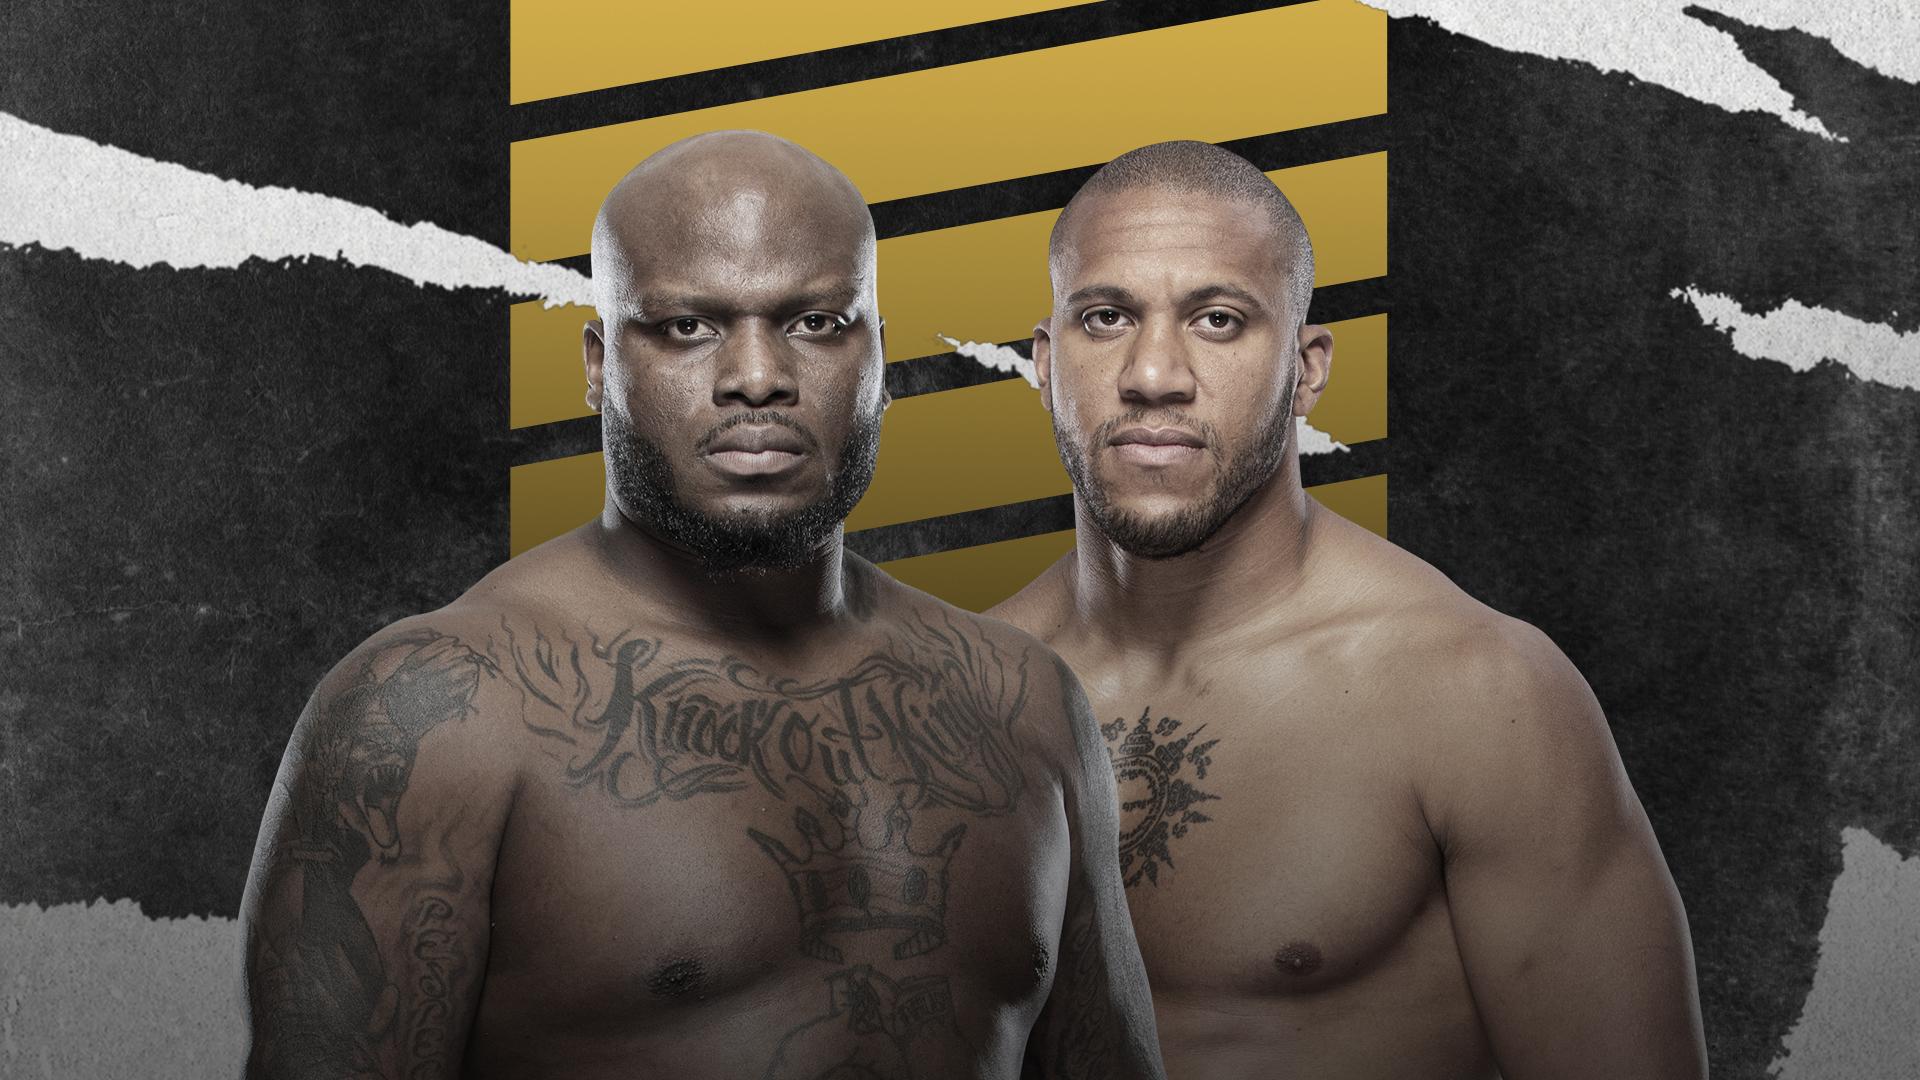 UFC 265 - DERRICK LEWIS vs CIRYL GANE TICKETS ON SALE JULY 9